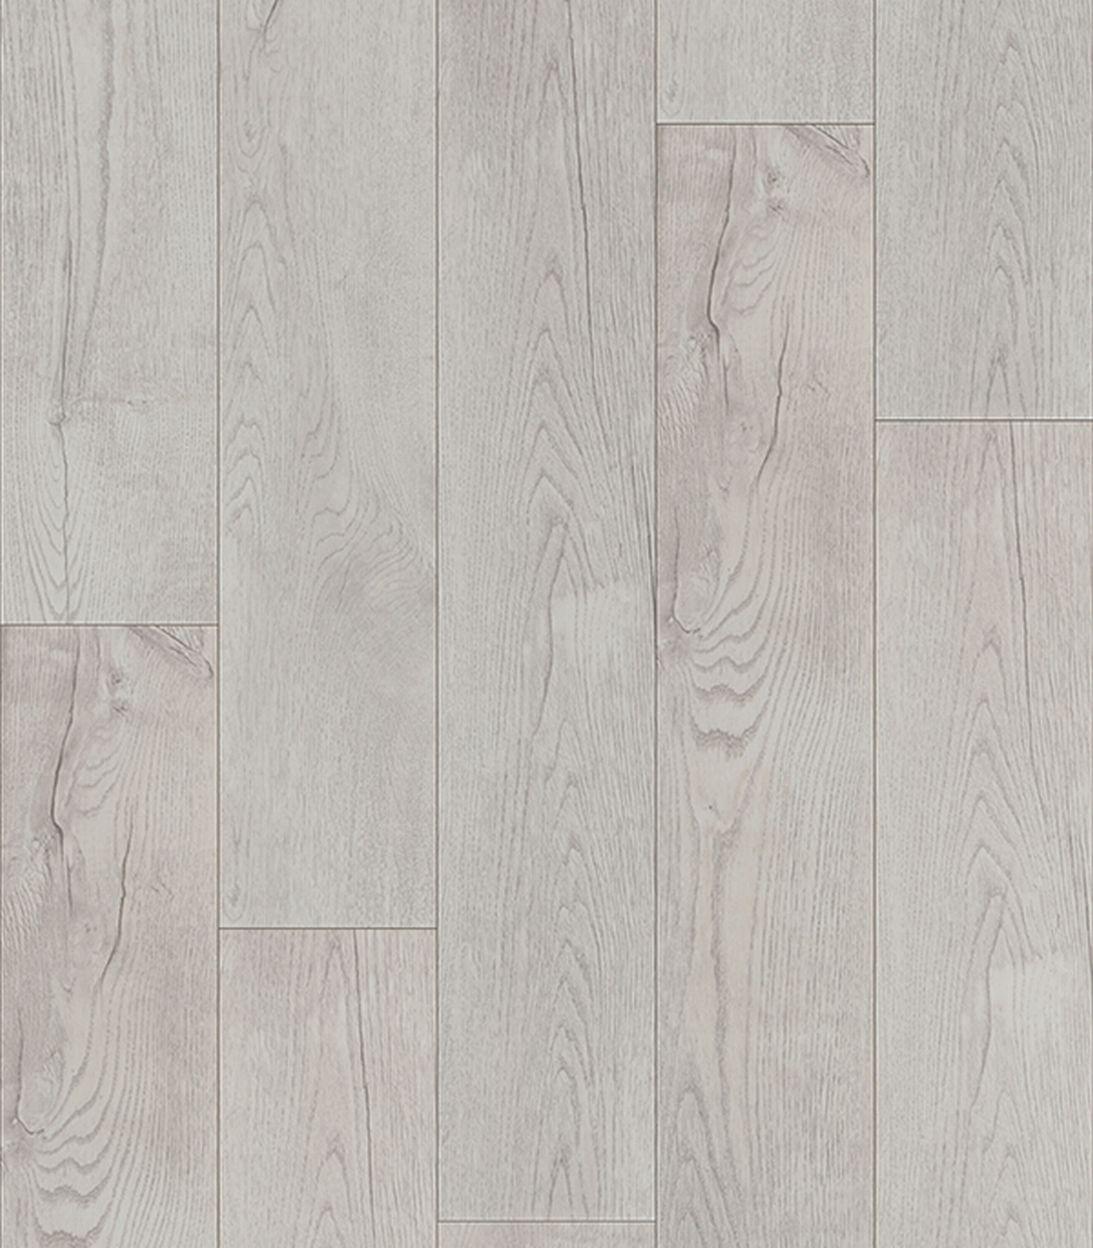 Купить Ламинат 33 класс Locfloor дуб средневековый 1, 596 кв.м. 8 мм, Натуральный